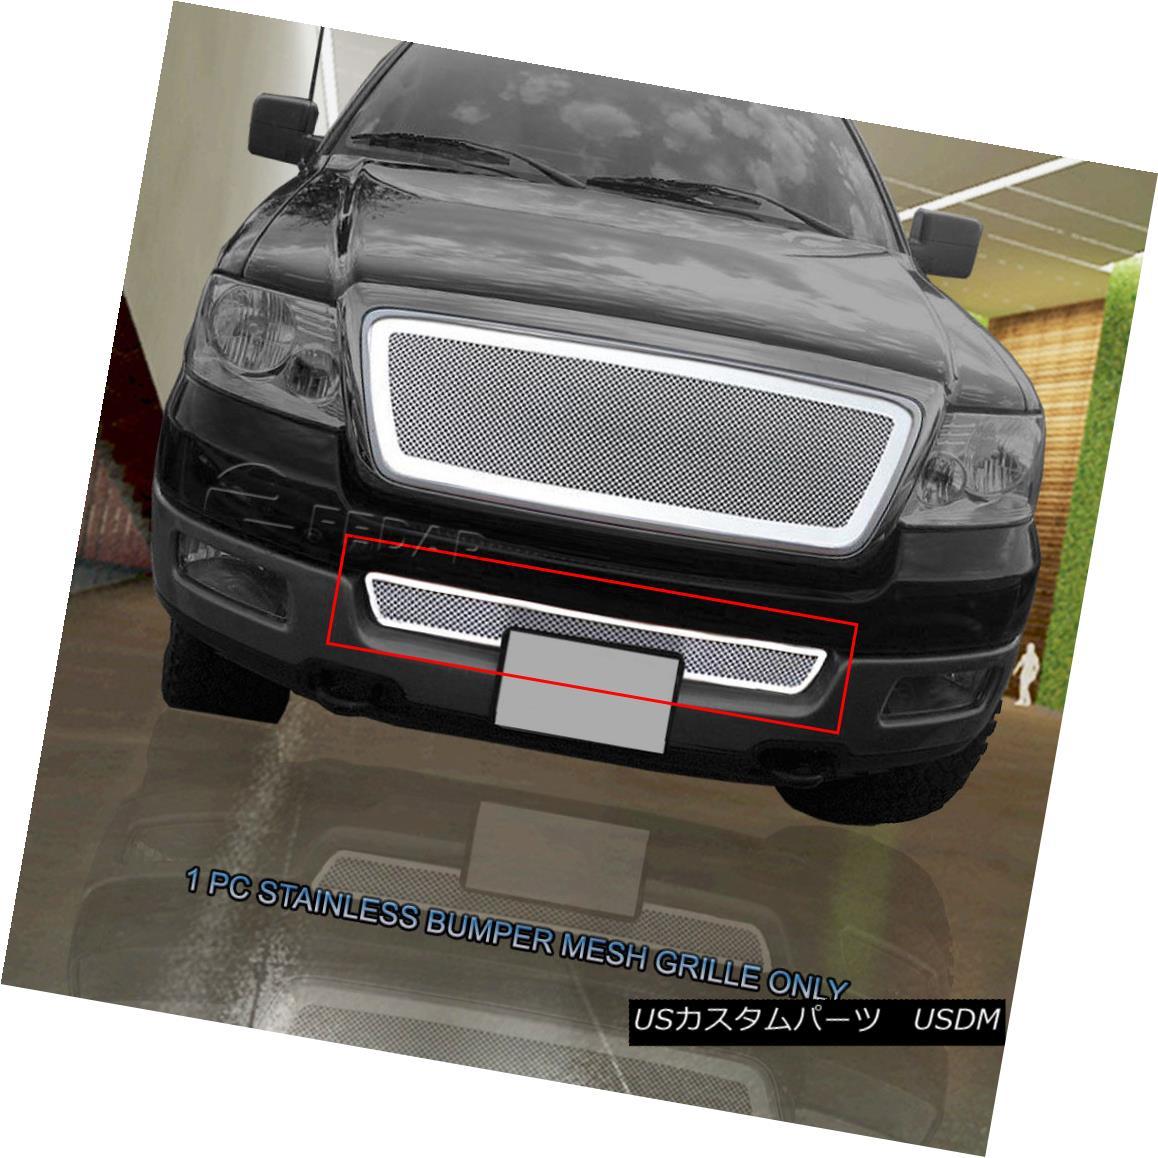 グリル For 04-05 Ford F-150 F150 Stainless Steel Mesh Bumper Grille Grill Insert Fedar 04-05 For Ford F-150 F150ステンレスメッシュバンパーグリルグリルインサートFedar